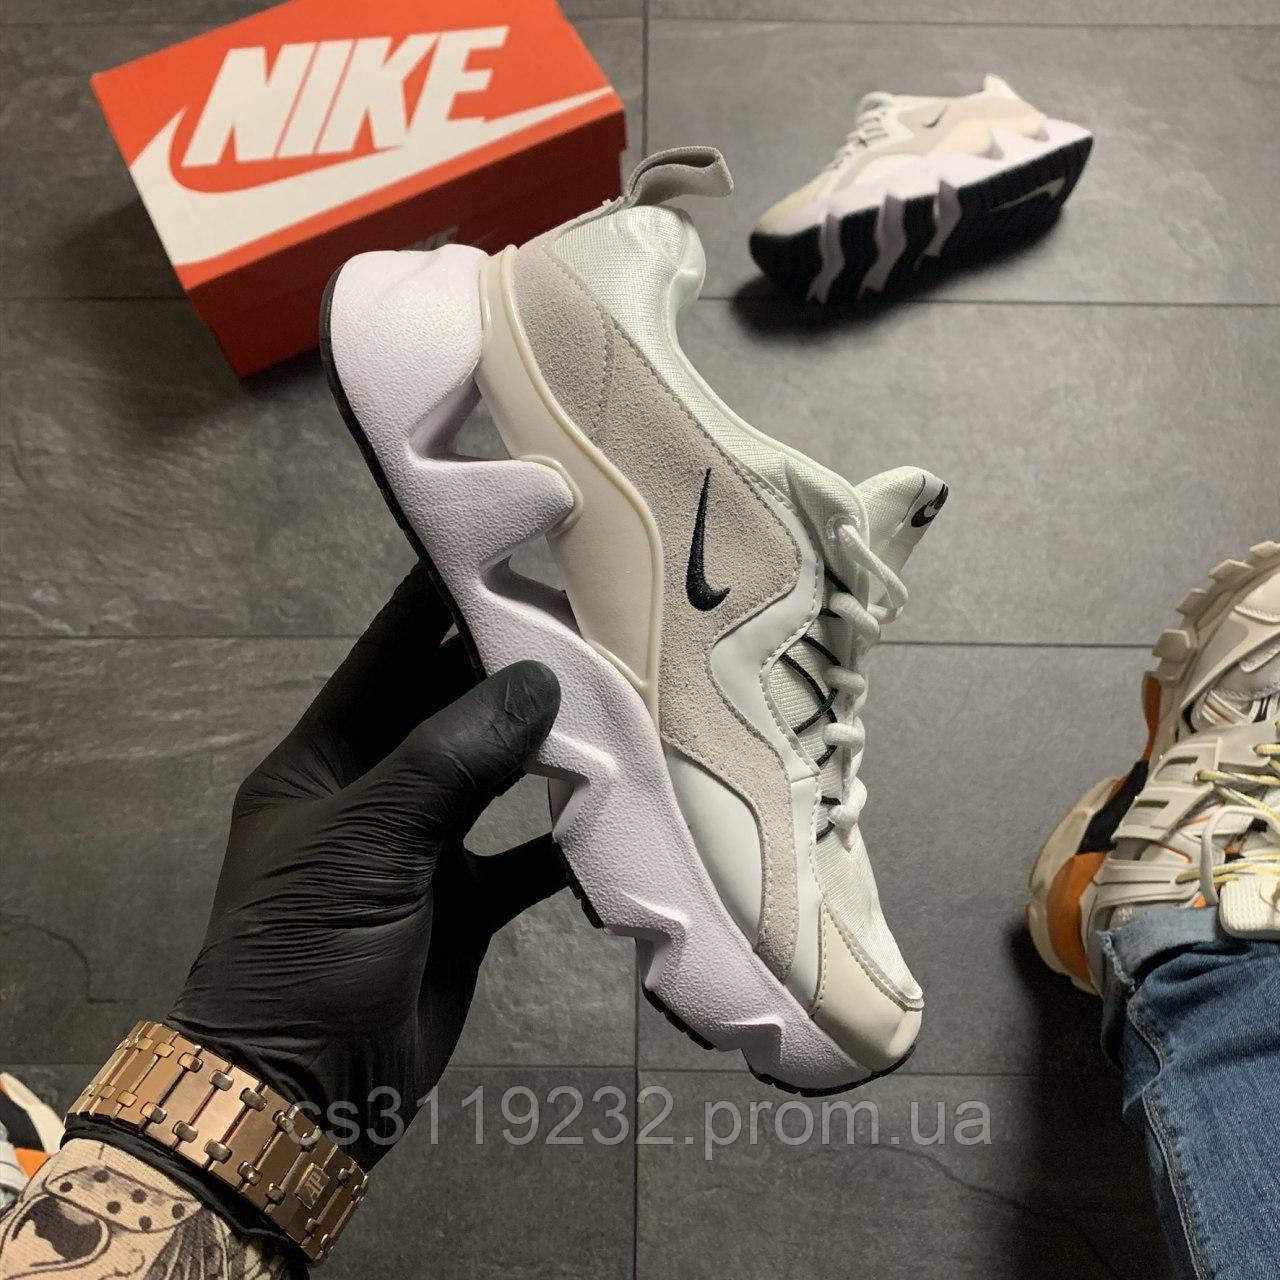 Жіночі кросівки Nike RYZ 365 Grey (сірі)